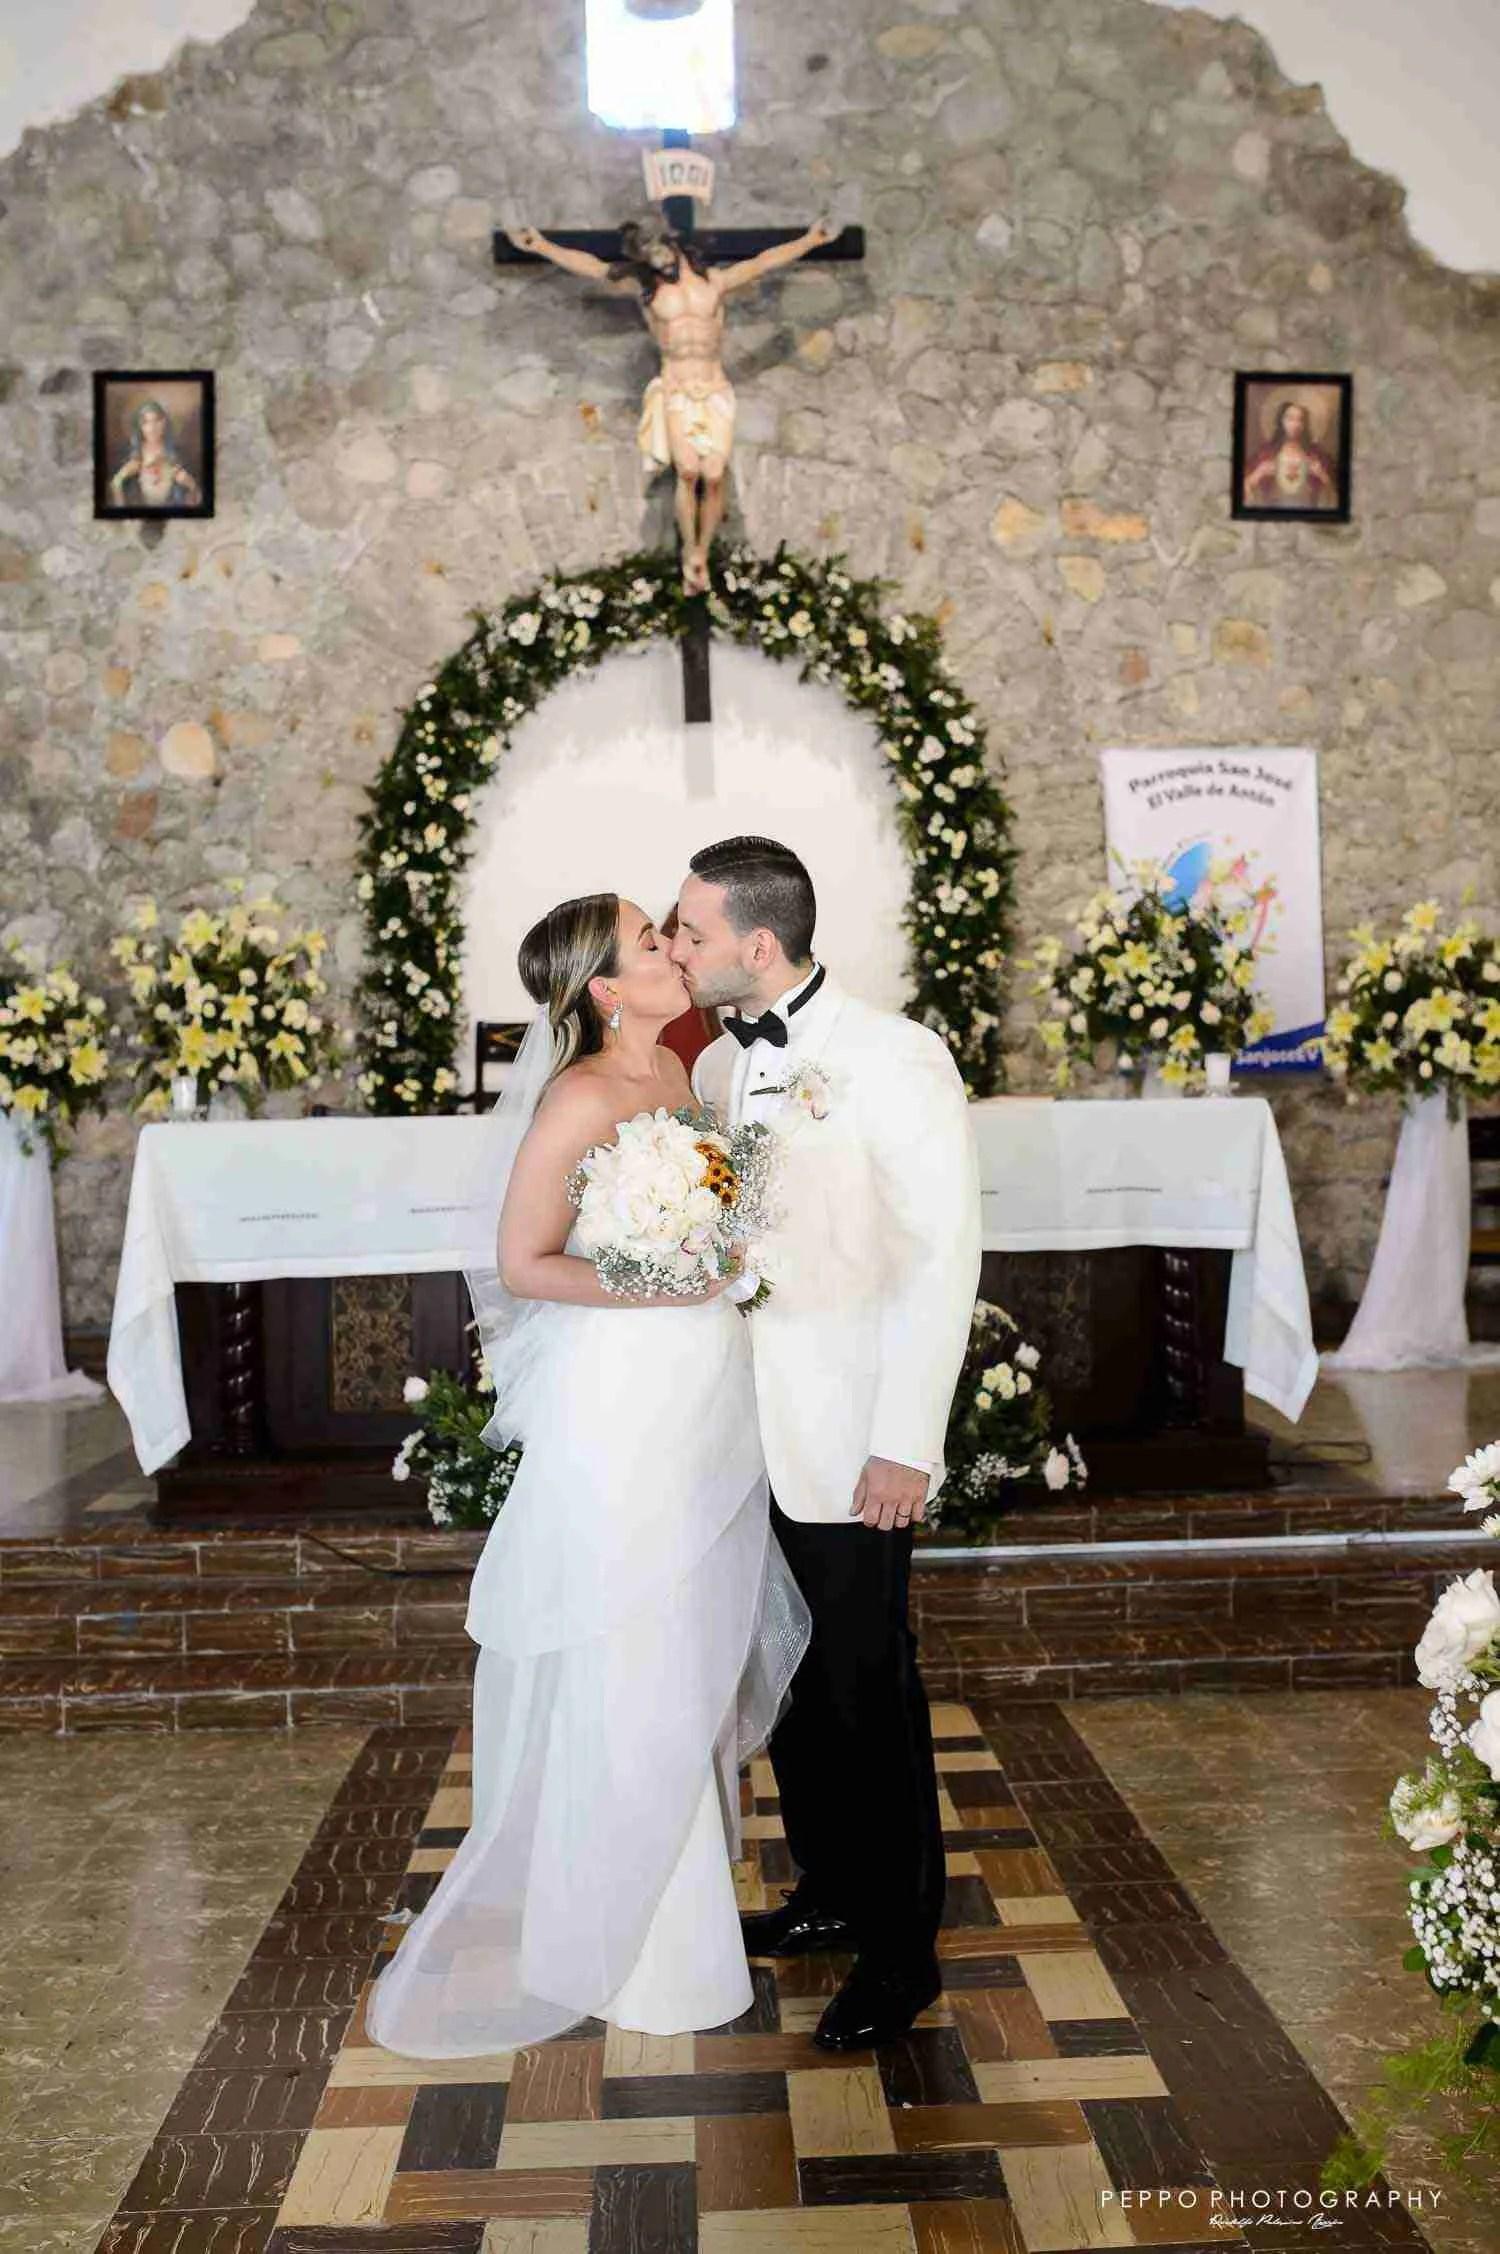 Isabella y Felipe recien casados!